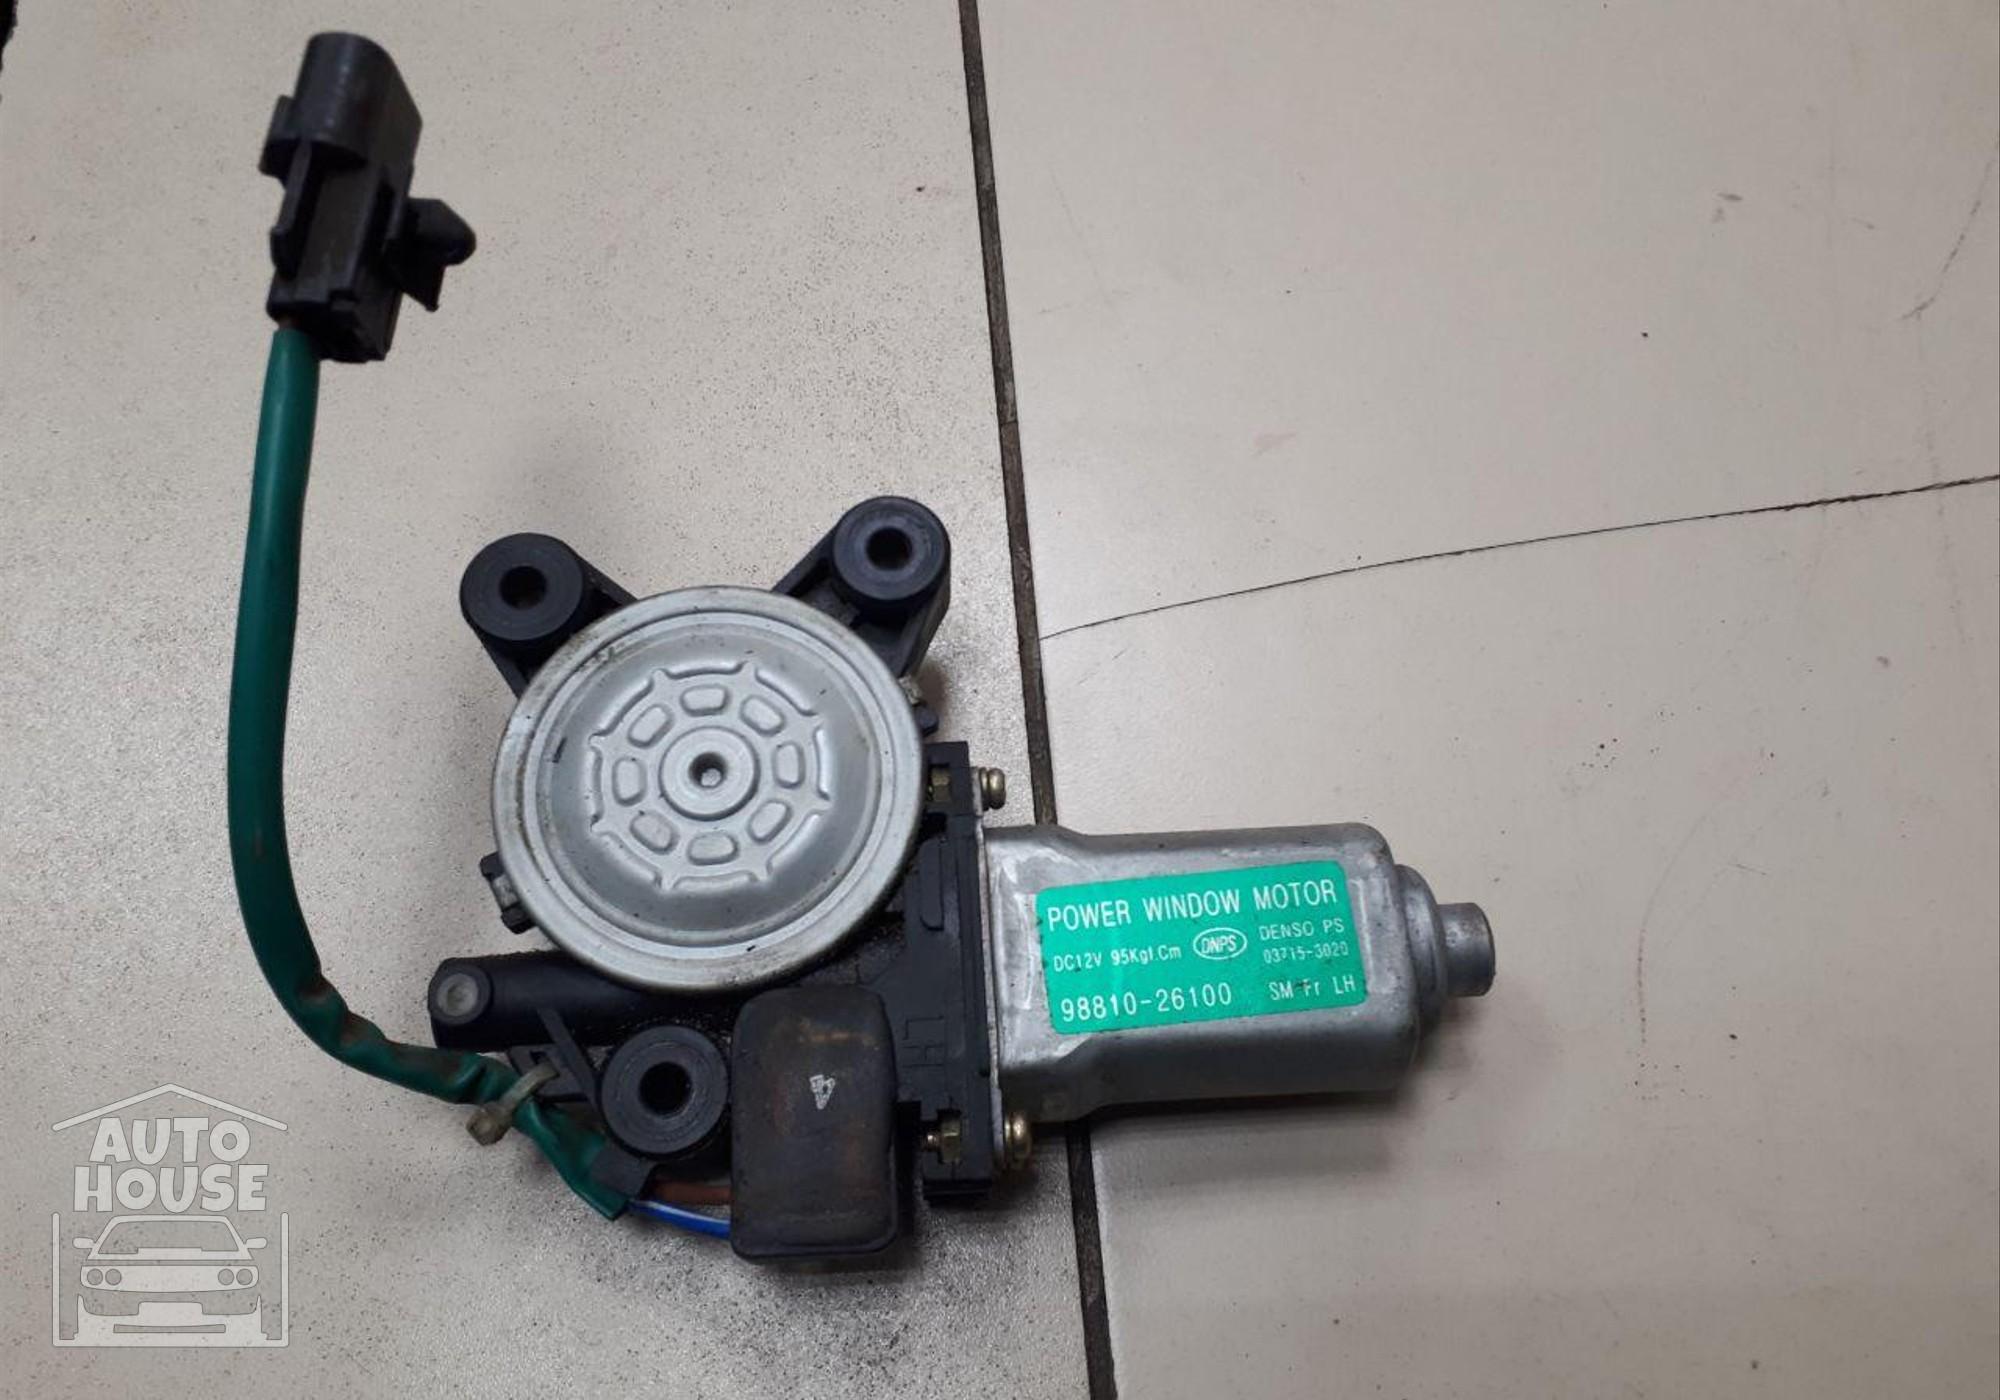 9881026100 Моторчик стеклоподъемника для Hyundai Santa Fe I (с 2000 по 2012)